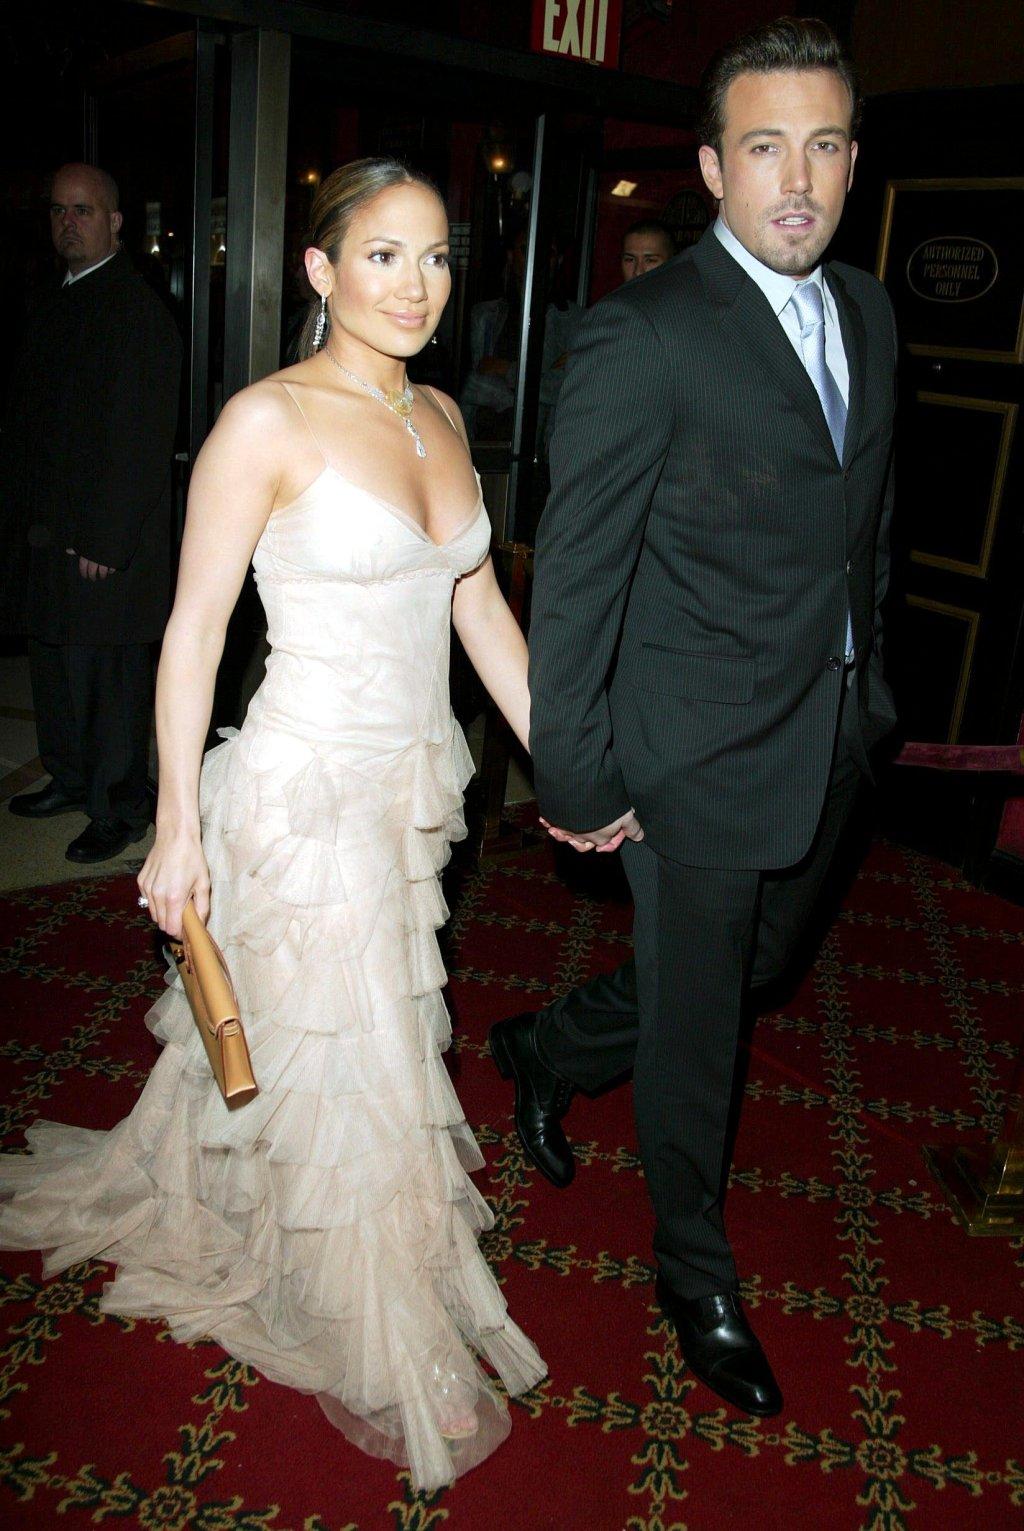 Ben Affleck, ex girlfriend Jennifer Lopez